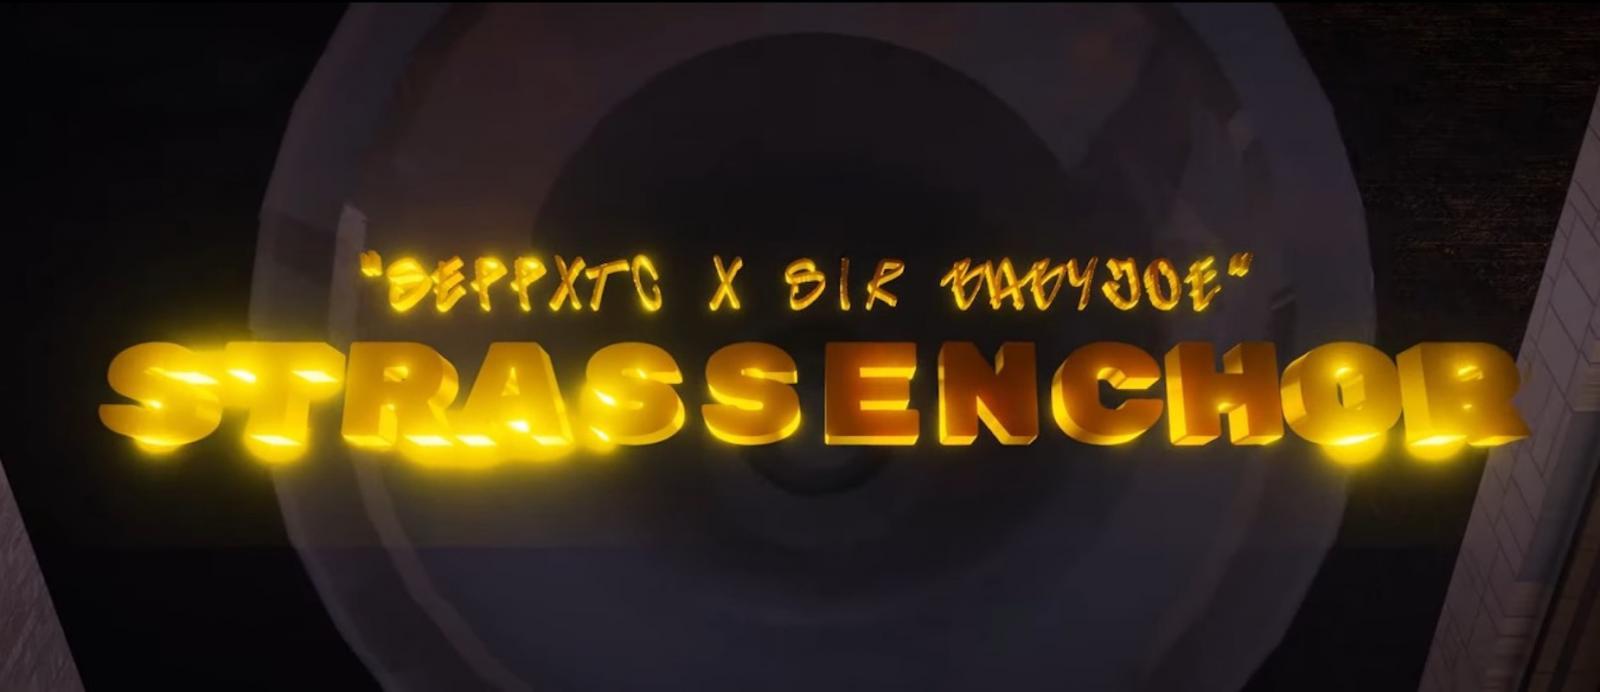 Upcoming: Sir Babyjoe & SeppXTC - STRASSENCHOR (prod. Philchef) [Video]